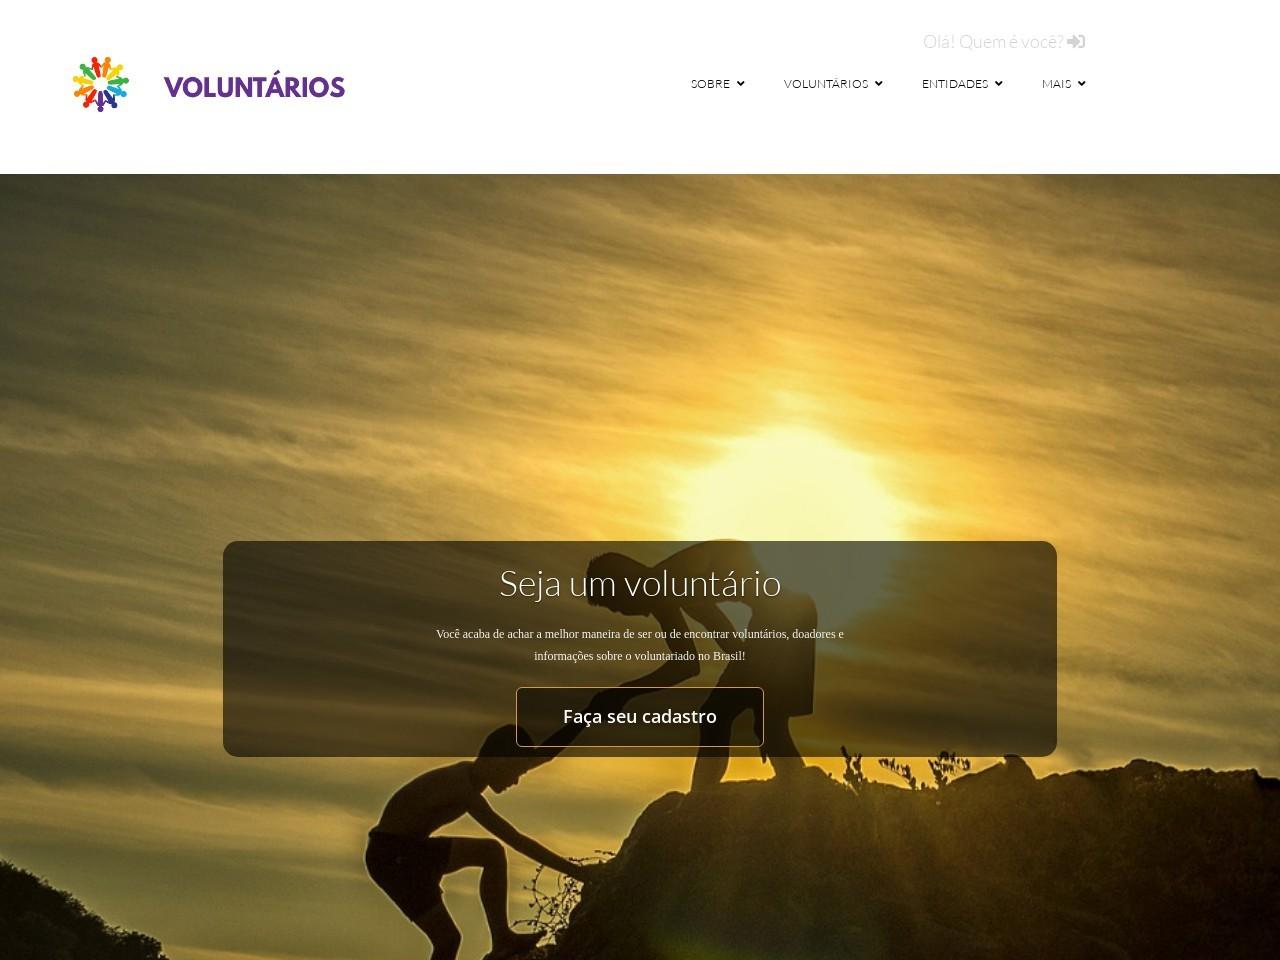 http://voluntarios.com.br.nerdydata.com